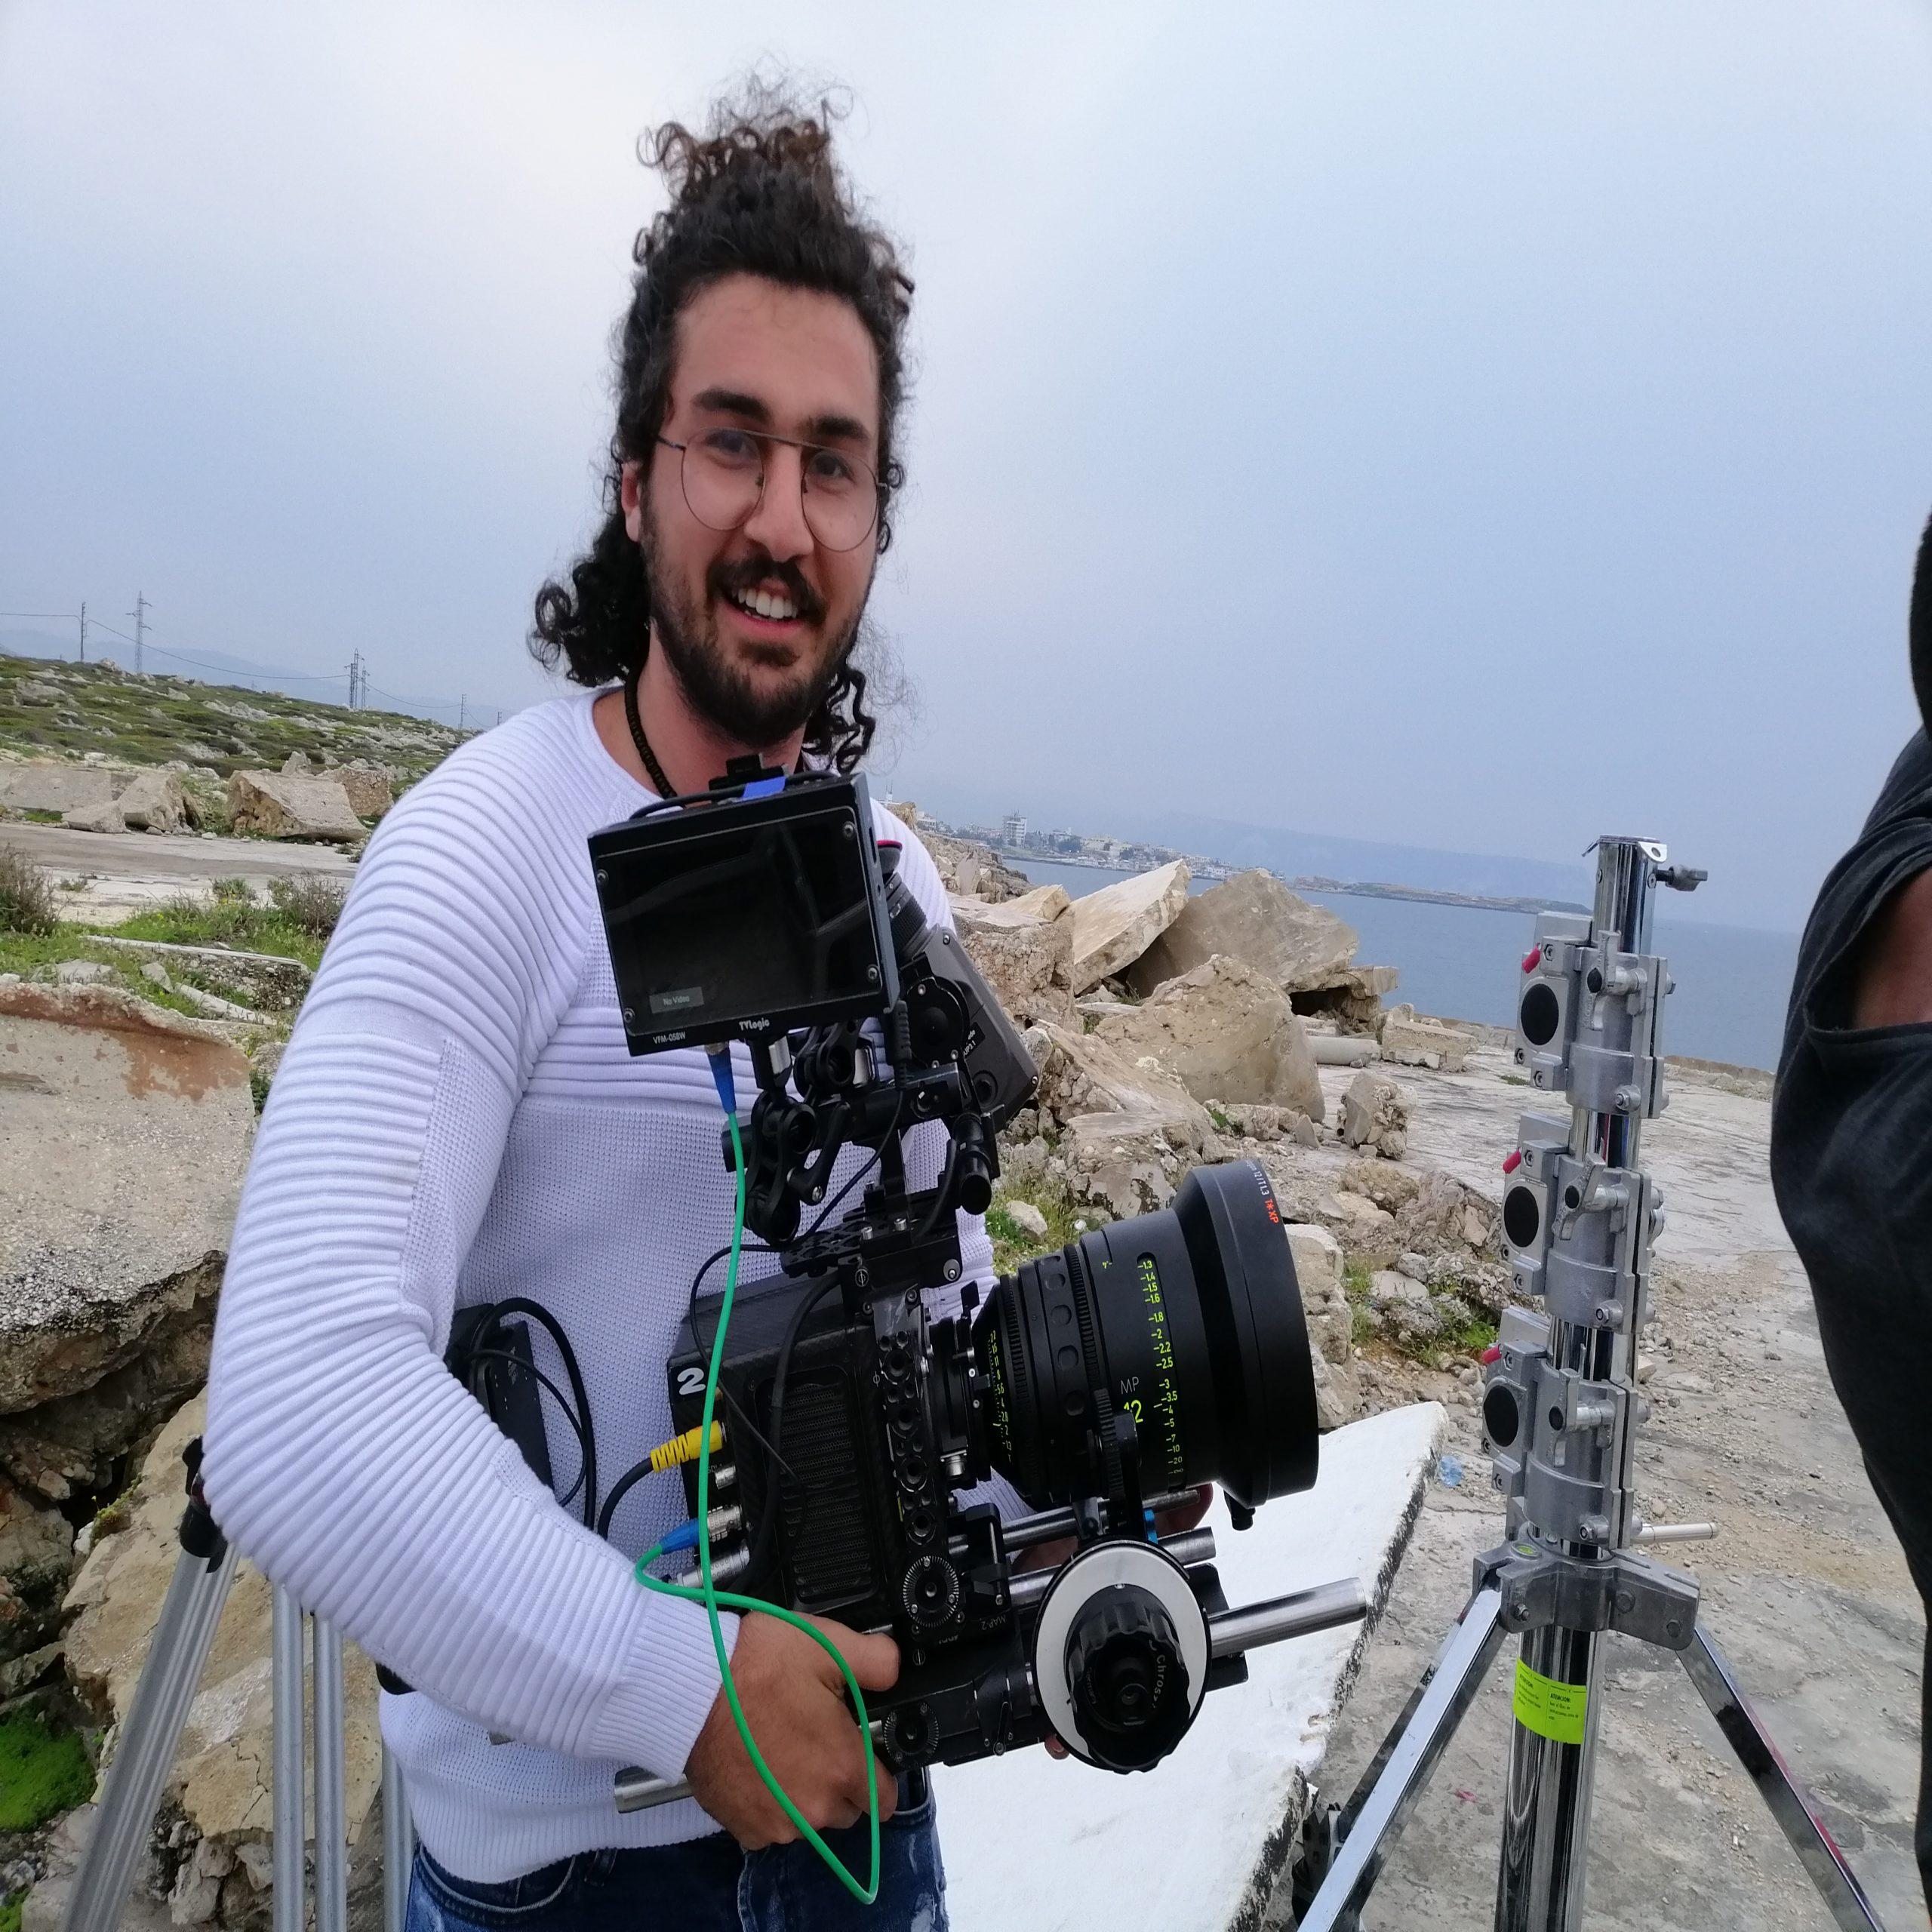 من لبنان إلى العالم ، قصة نجاح الممثل والمخرج هادي بريطع